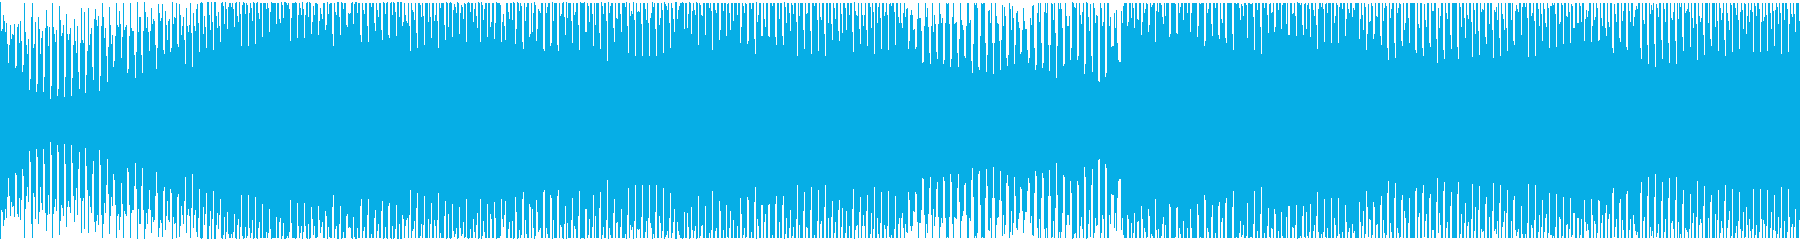 和楽器を用いた和風EDMループの再生済みの波形